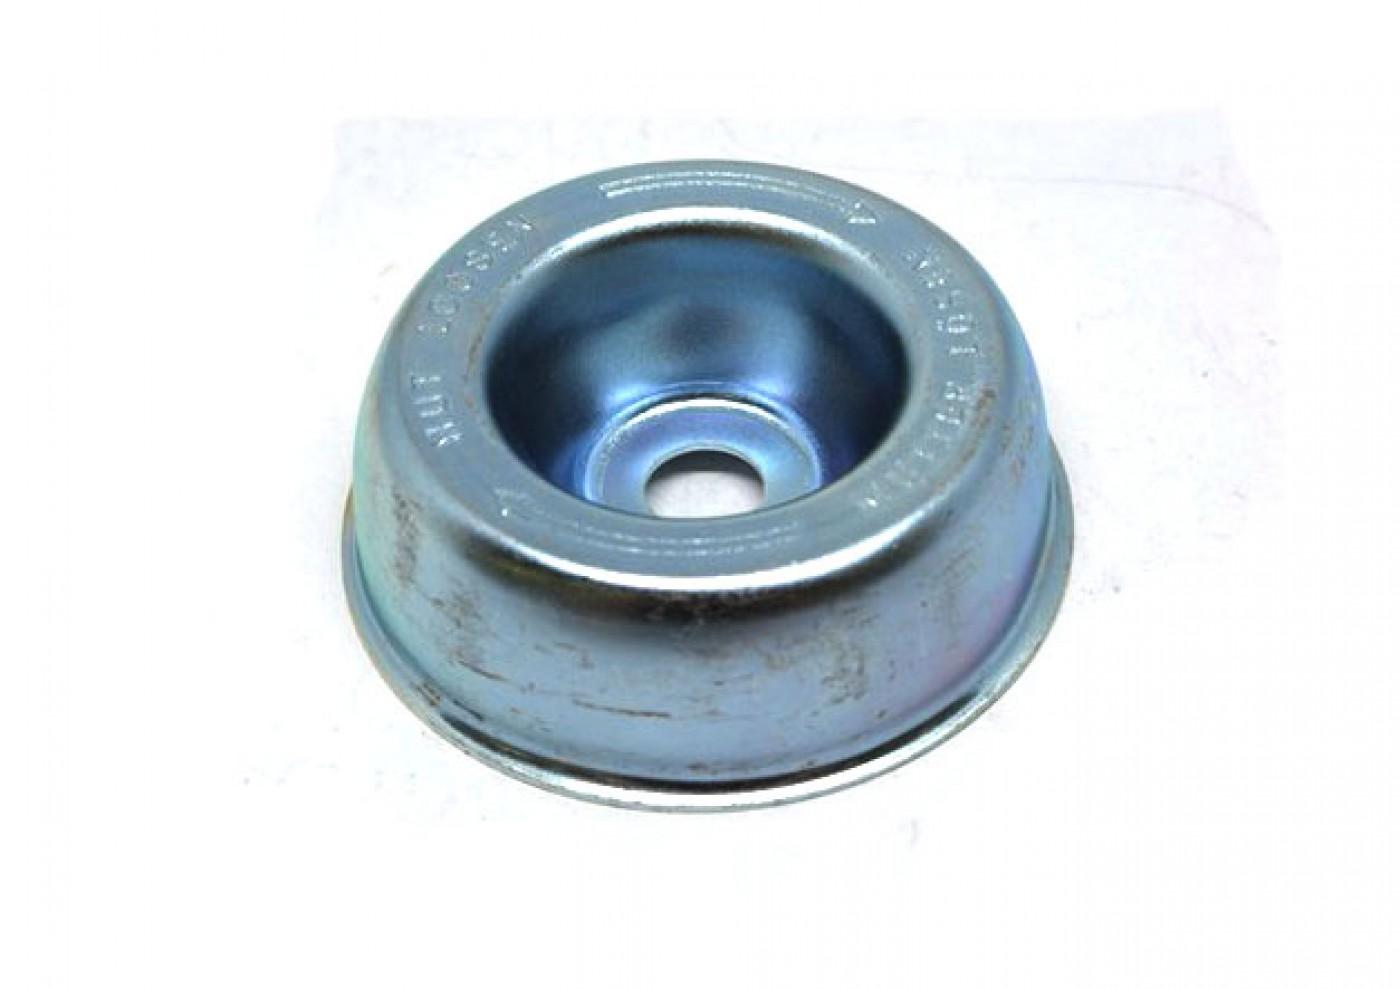 Miska pod kotúč Stihl FS100 FS120 FS130 FS200 FS250 FS44 FS65 FS80 FS85 - 4126 713 3100